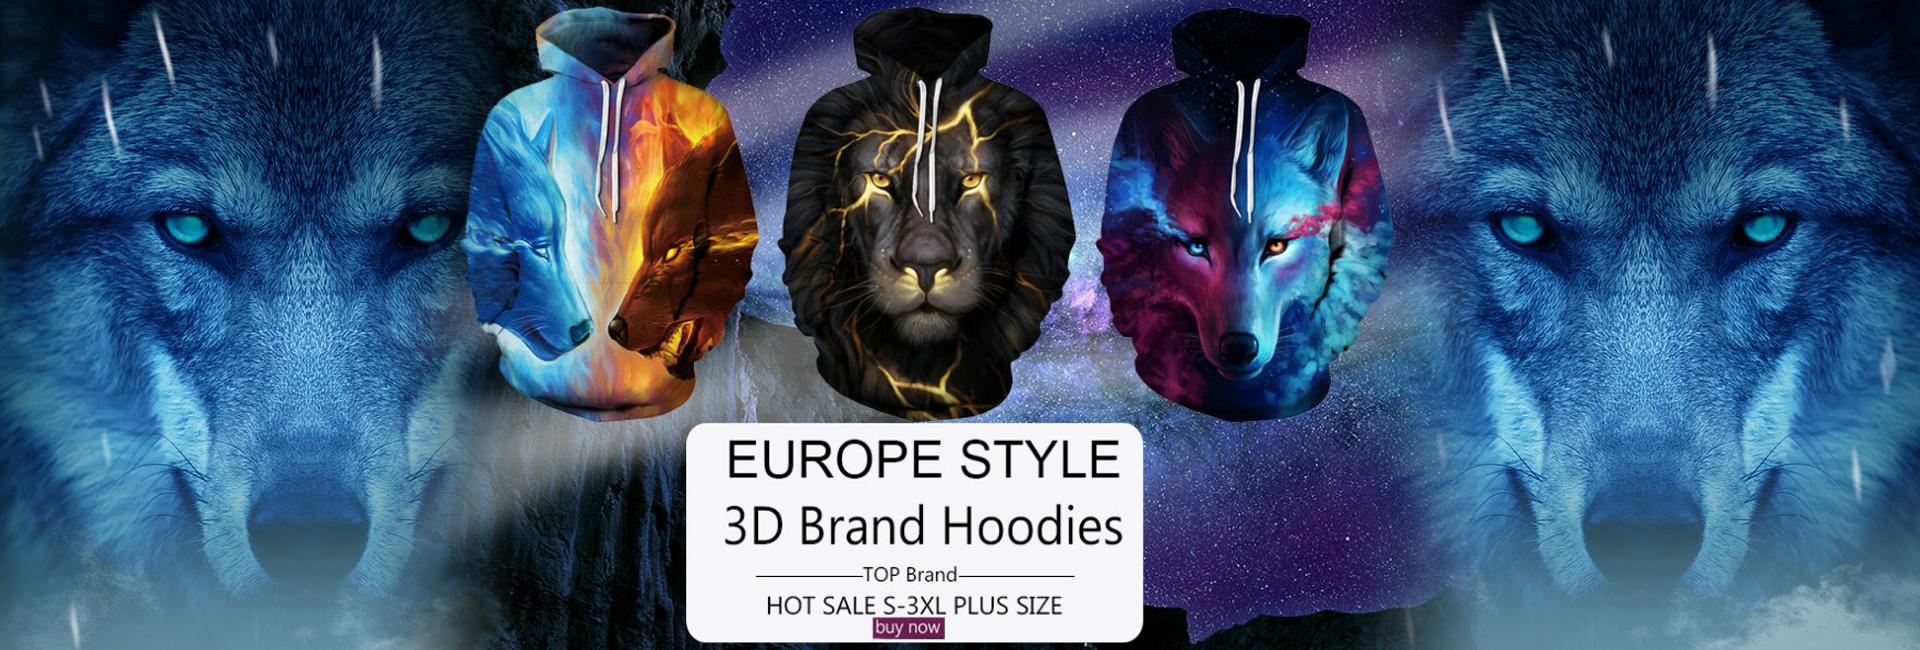 -hoodies-banner-2-.png